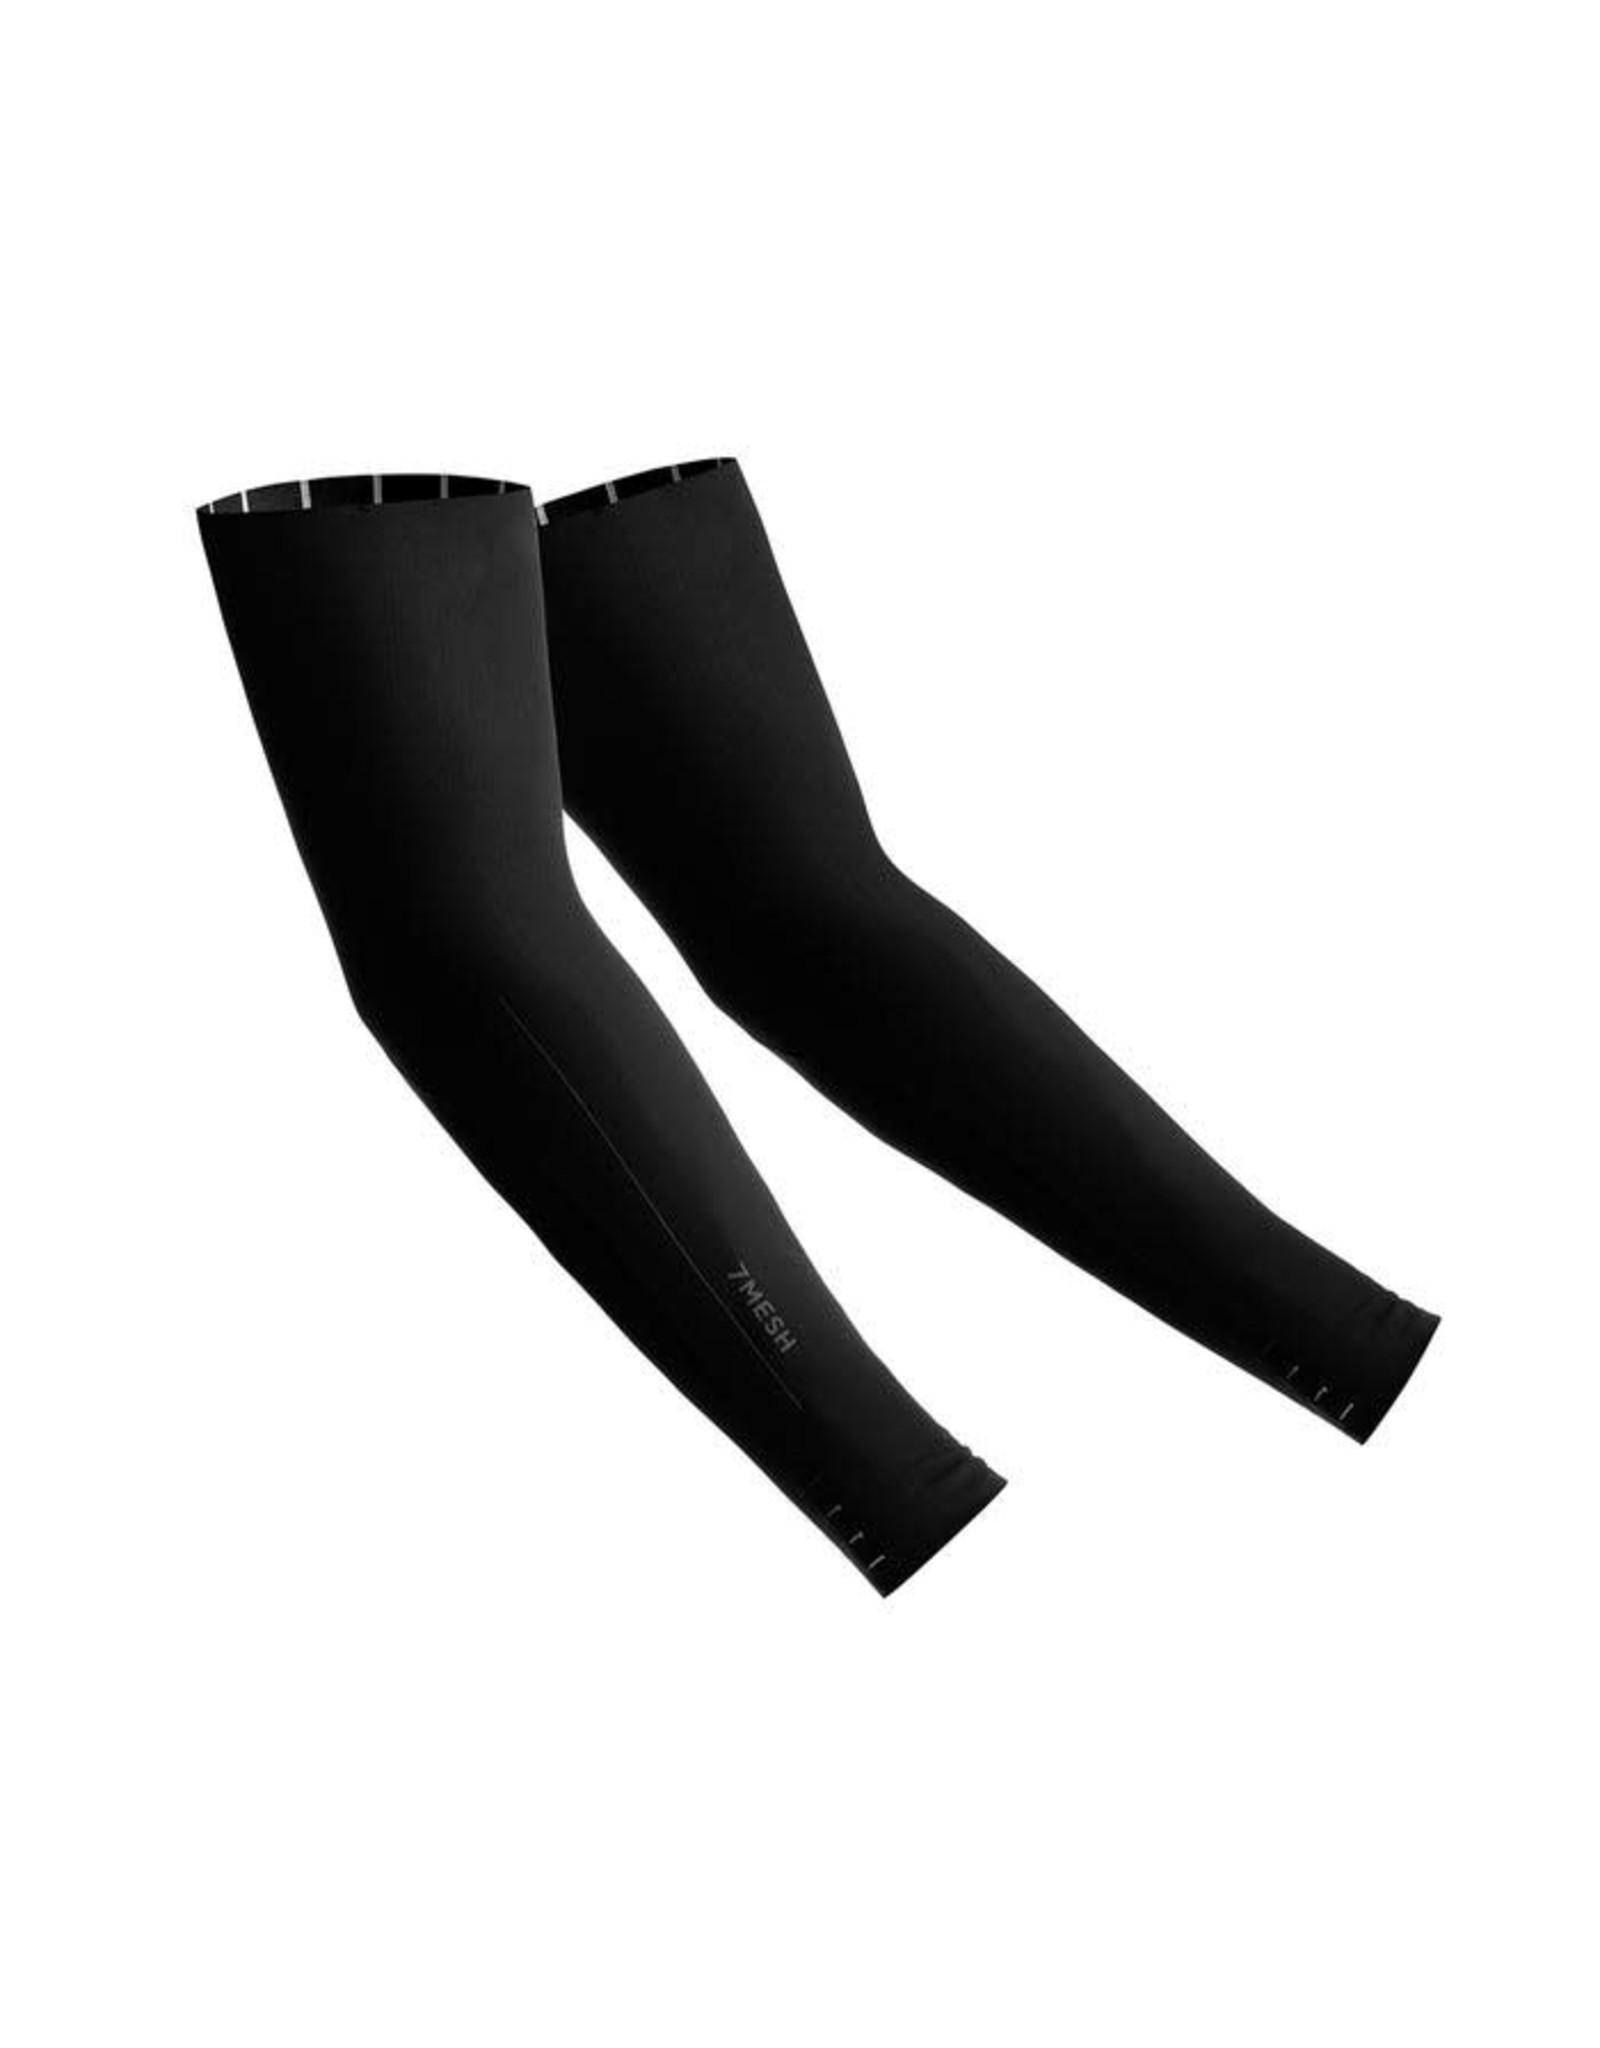 7MESH 7MESH - Colorado Arm Warmer Black Small